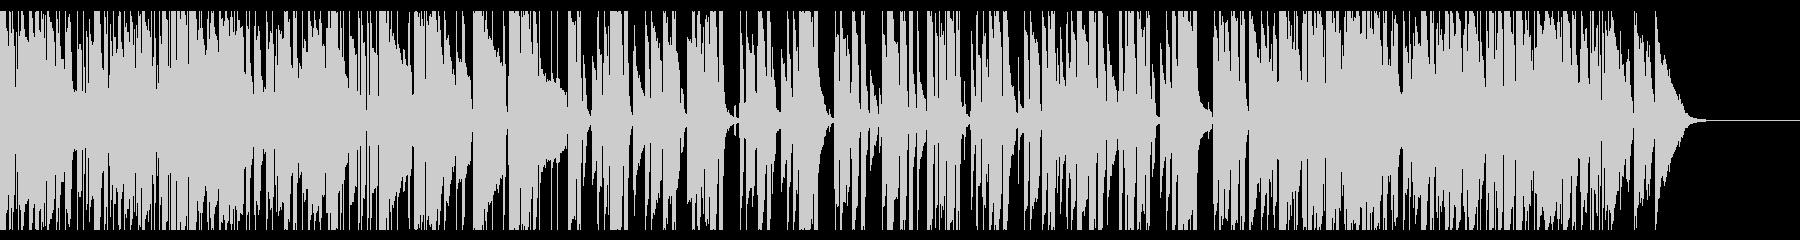 アコギとピアノの明るいポップス 生演奏の未再生の波形